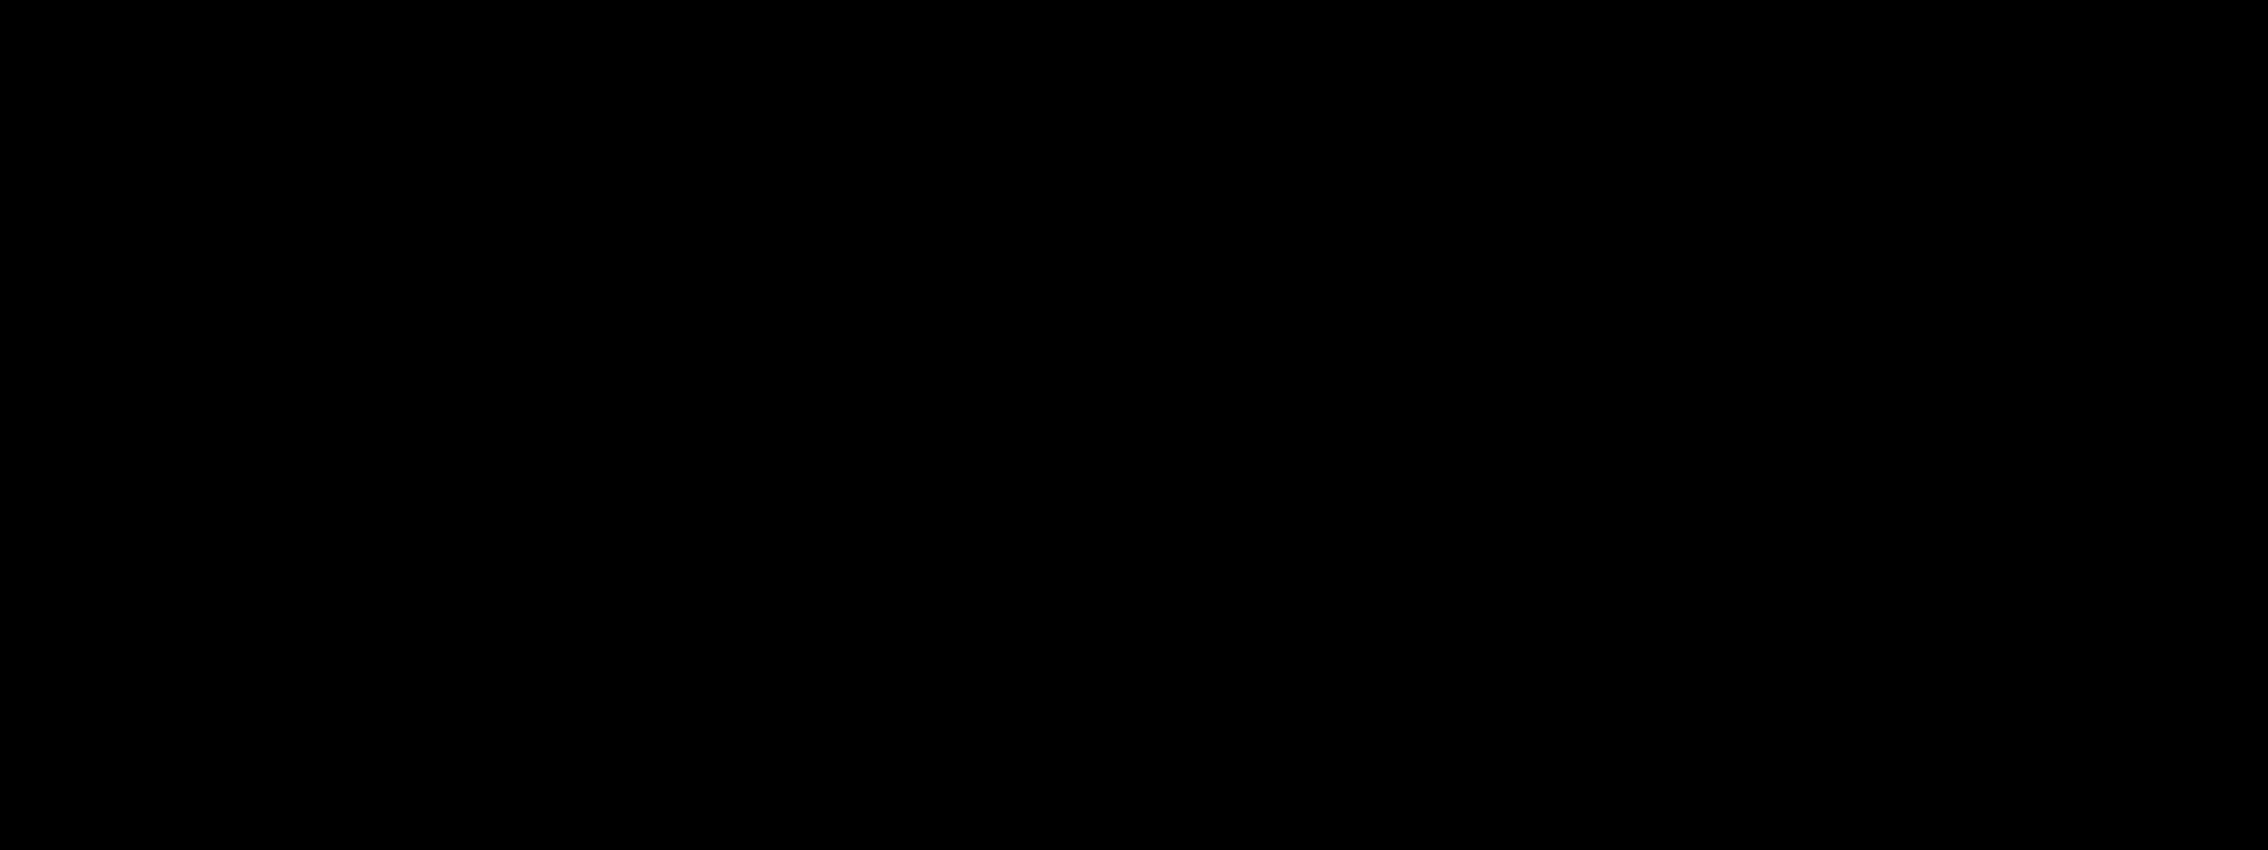 モバイルプリンス | MOBILE PRINCE OFFICIAL